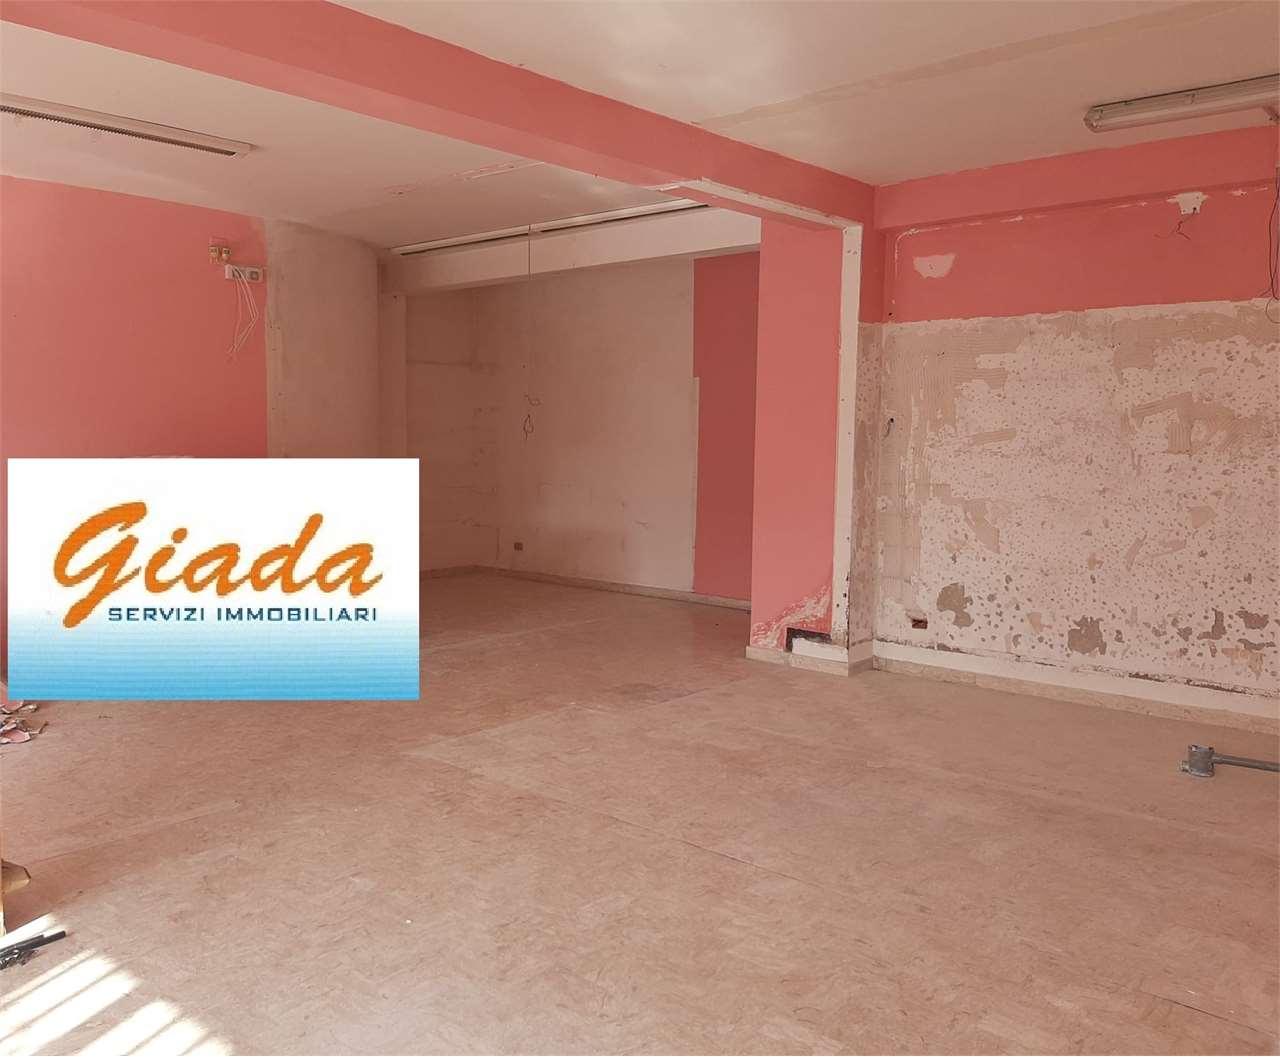 Ufficio / Studio in affitto a Formia, 1 locali, prezzo € 600   CambioCasa.it